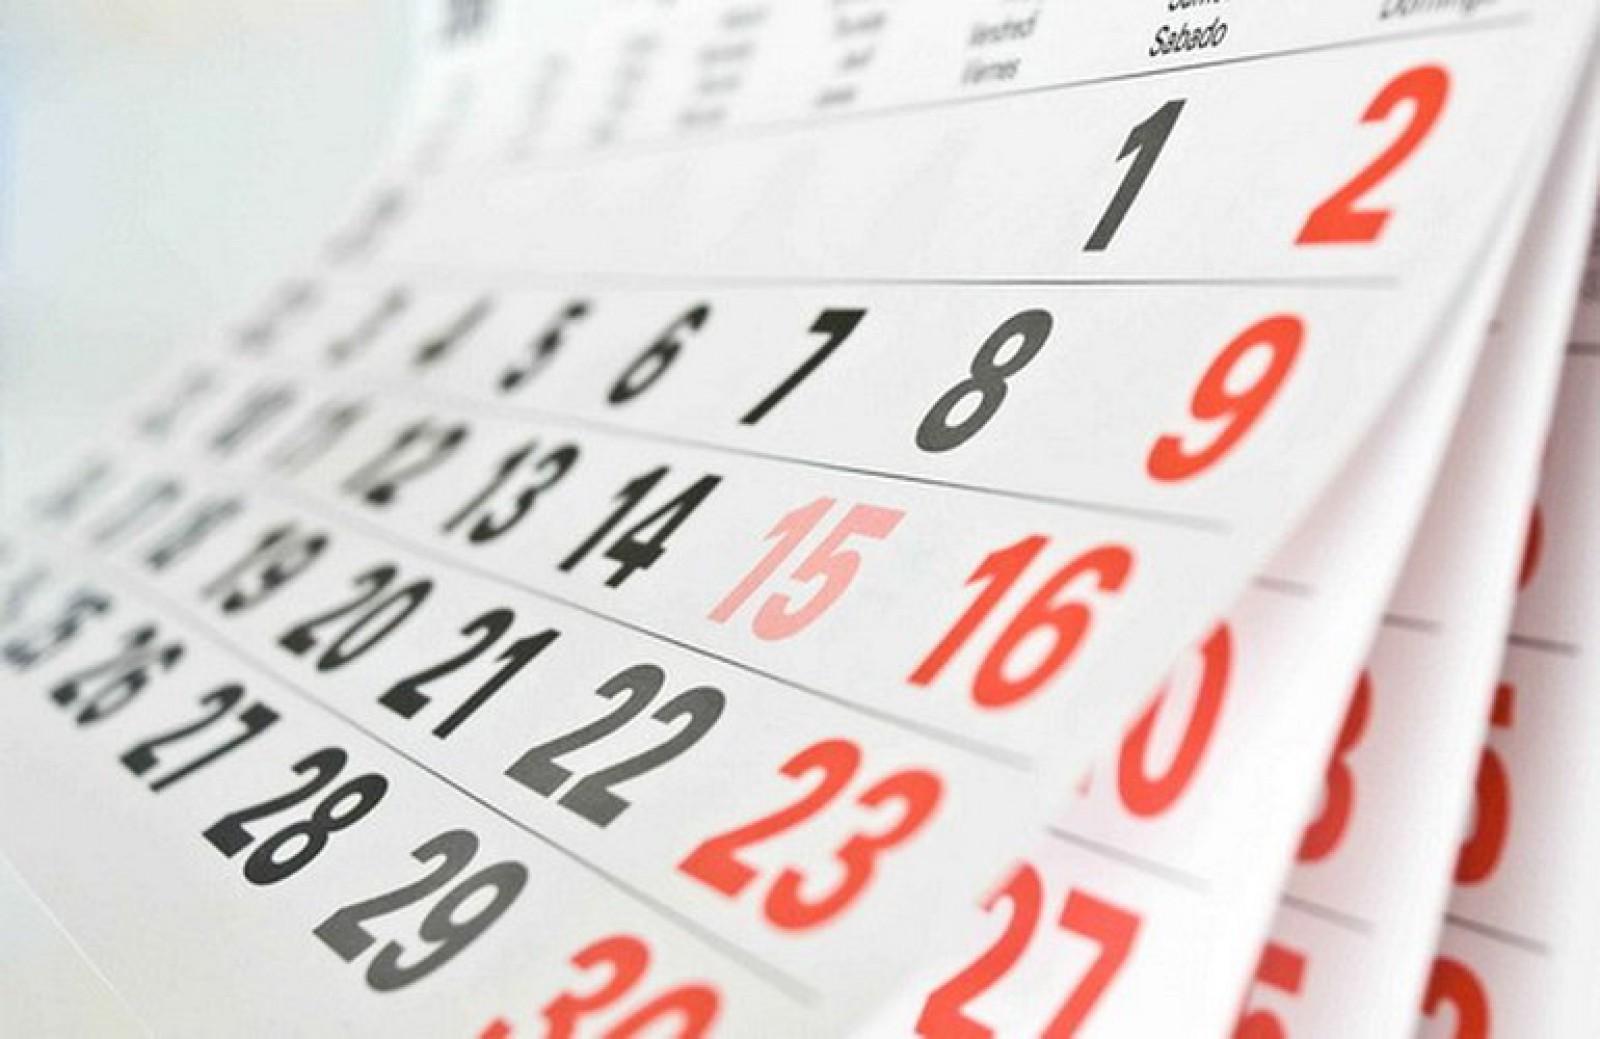 (doc) Bugetarii ar putea sta acasă în ultima săptămână din august. Ministerul Muncii propune ca zilele de 28, 29 și 30 august să fie libere